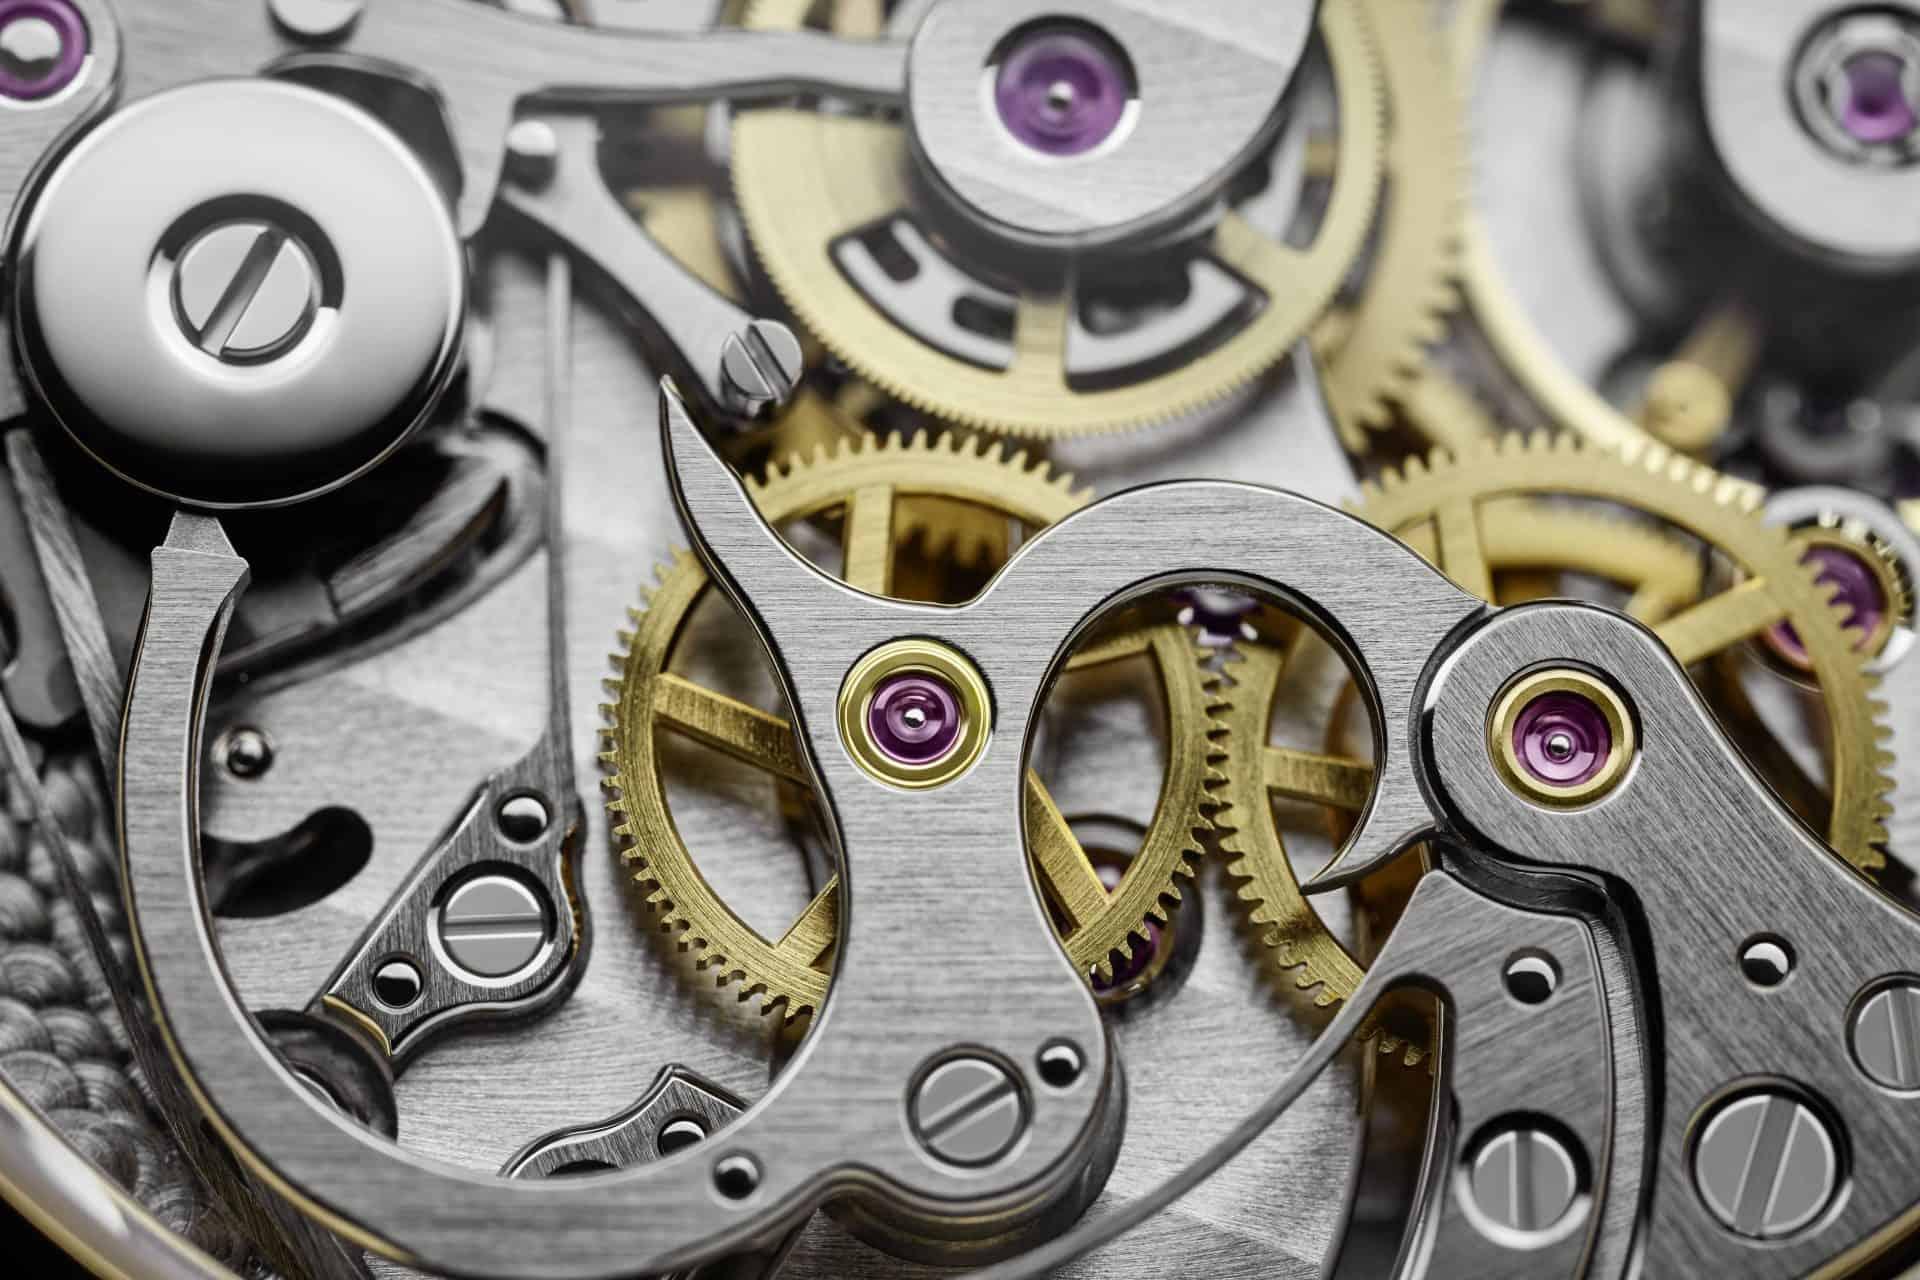 Die Eingriffstiefe der Kupplungs-Zahnräder des Kalibers CH 29-535 PS wird mit der Expenter-Kappe auf dem Schaltrad reguliert